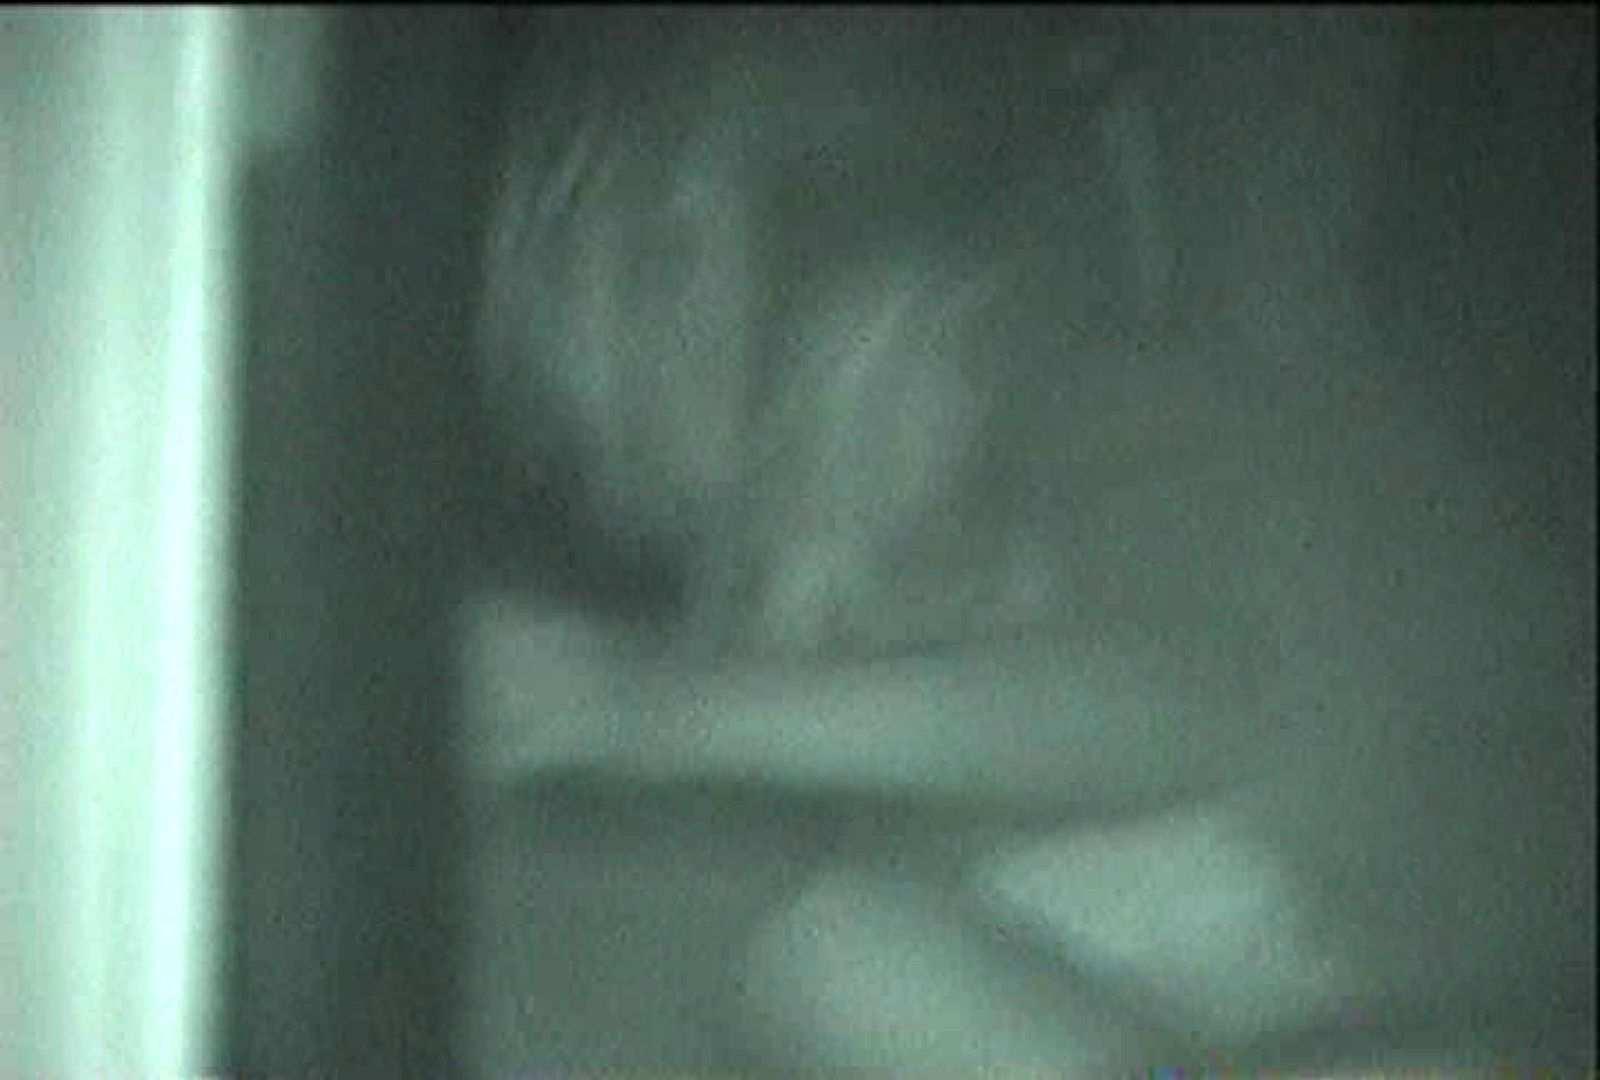 充血監督の深夜の運動会Vol.79 OLヌード天国   おまんこ  102PIX 69